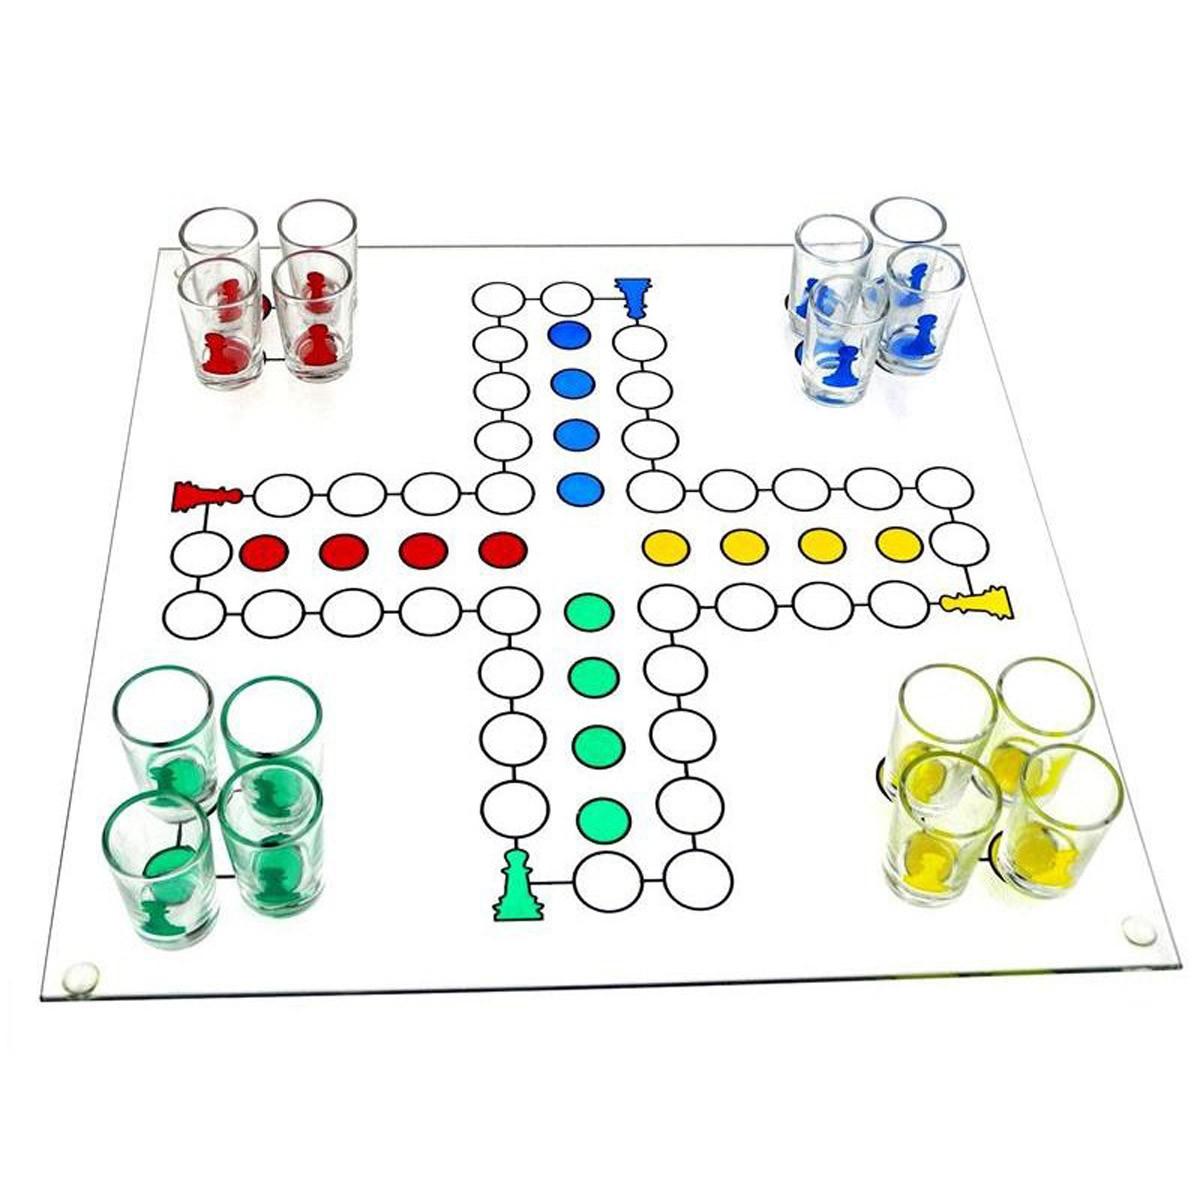 Imprezowy chińczyk- gra planszowa dla dorosłych